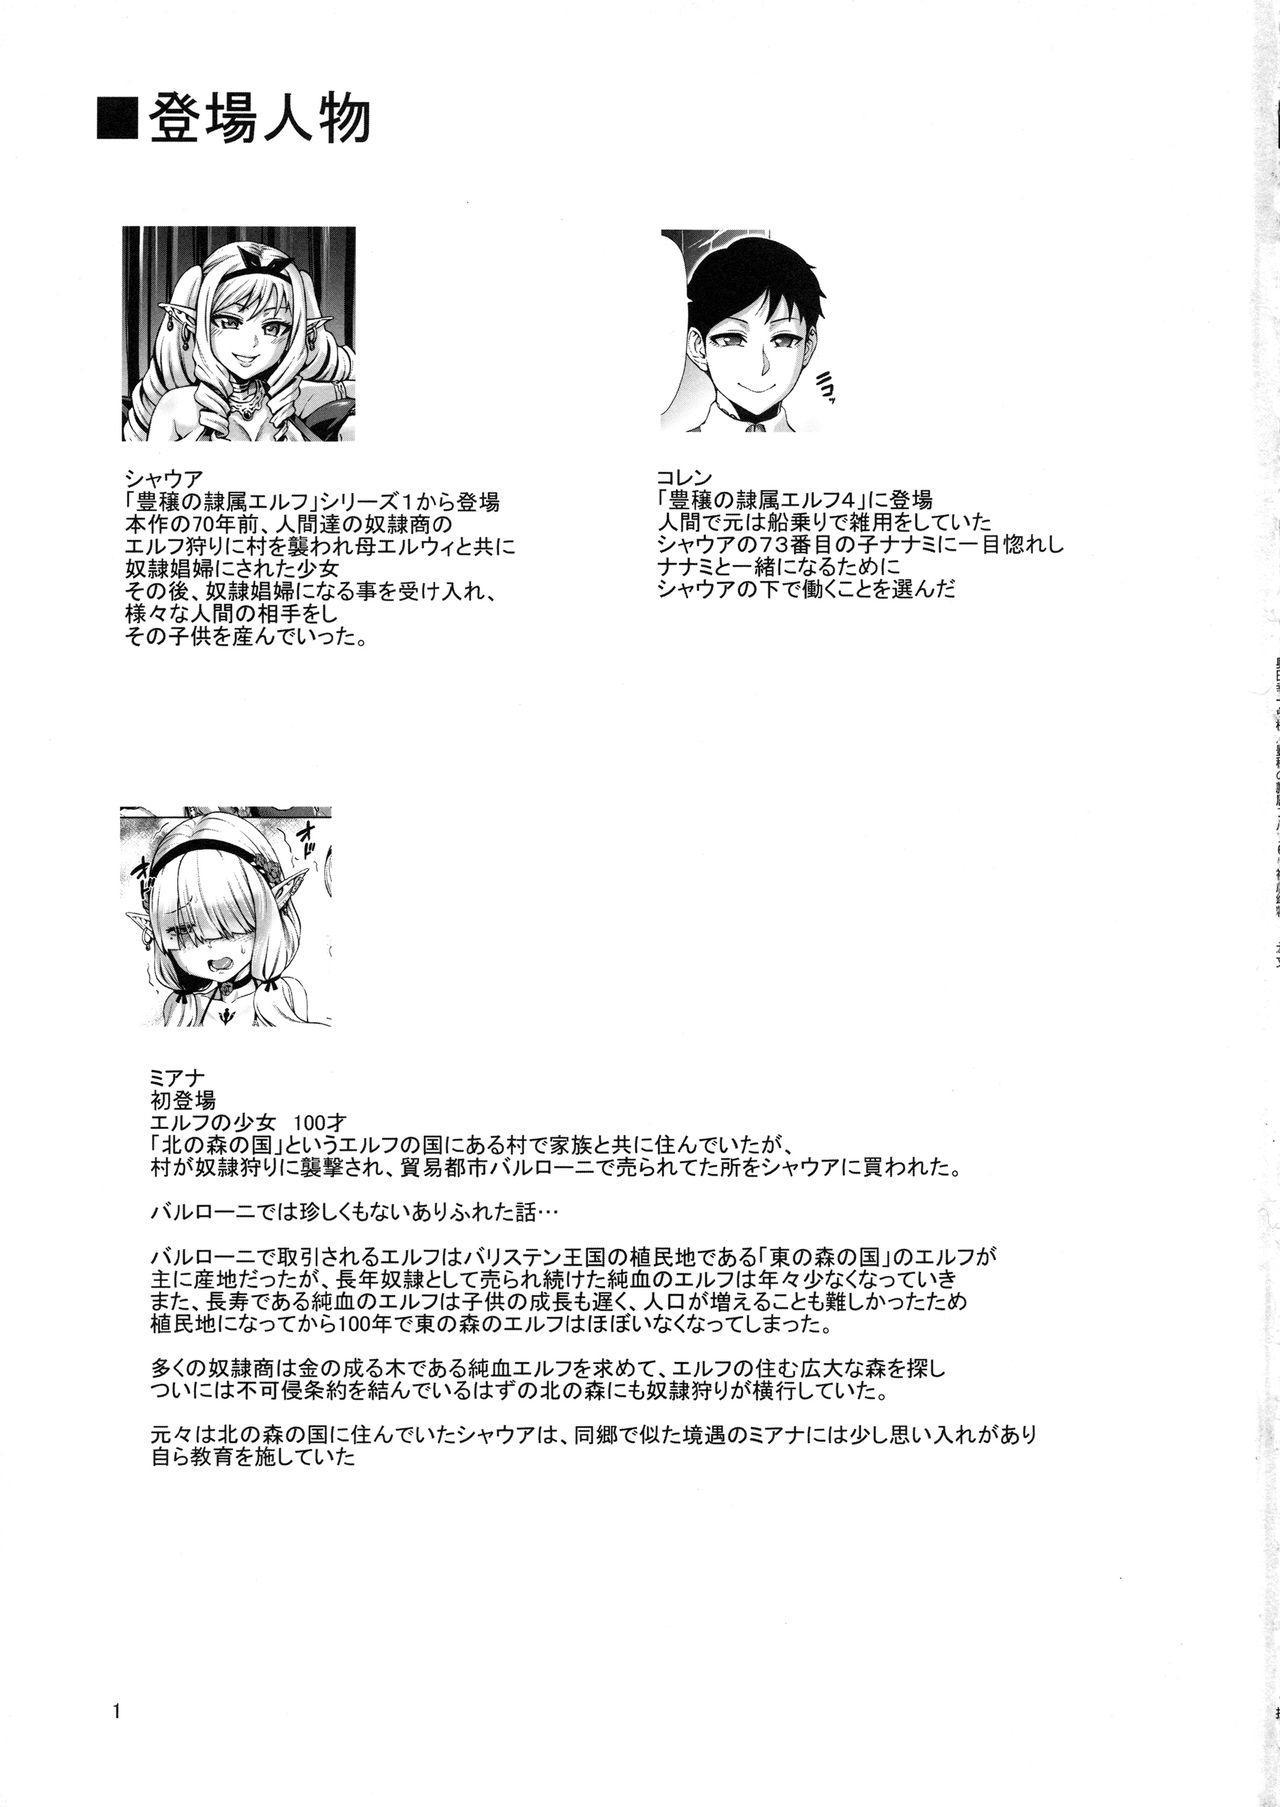 (C96) [Aodouhu (Neromashin)] Houjou no Reizoku Elf 6 ~Higyaku Yousei~ + Omake 1